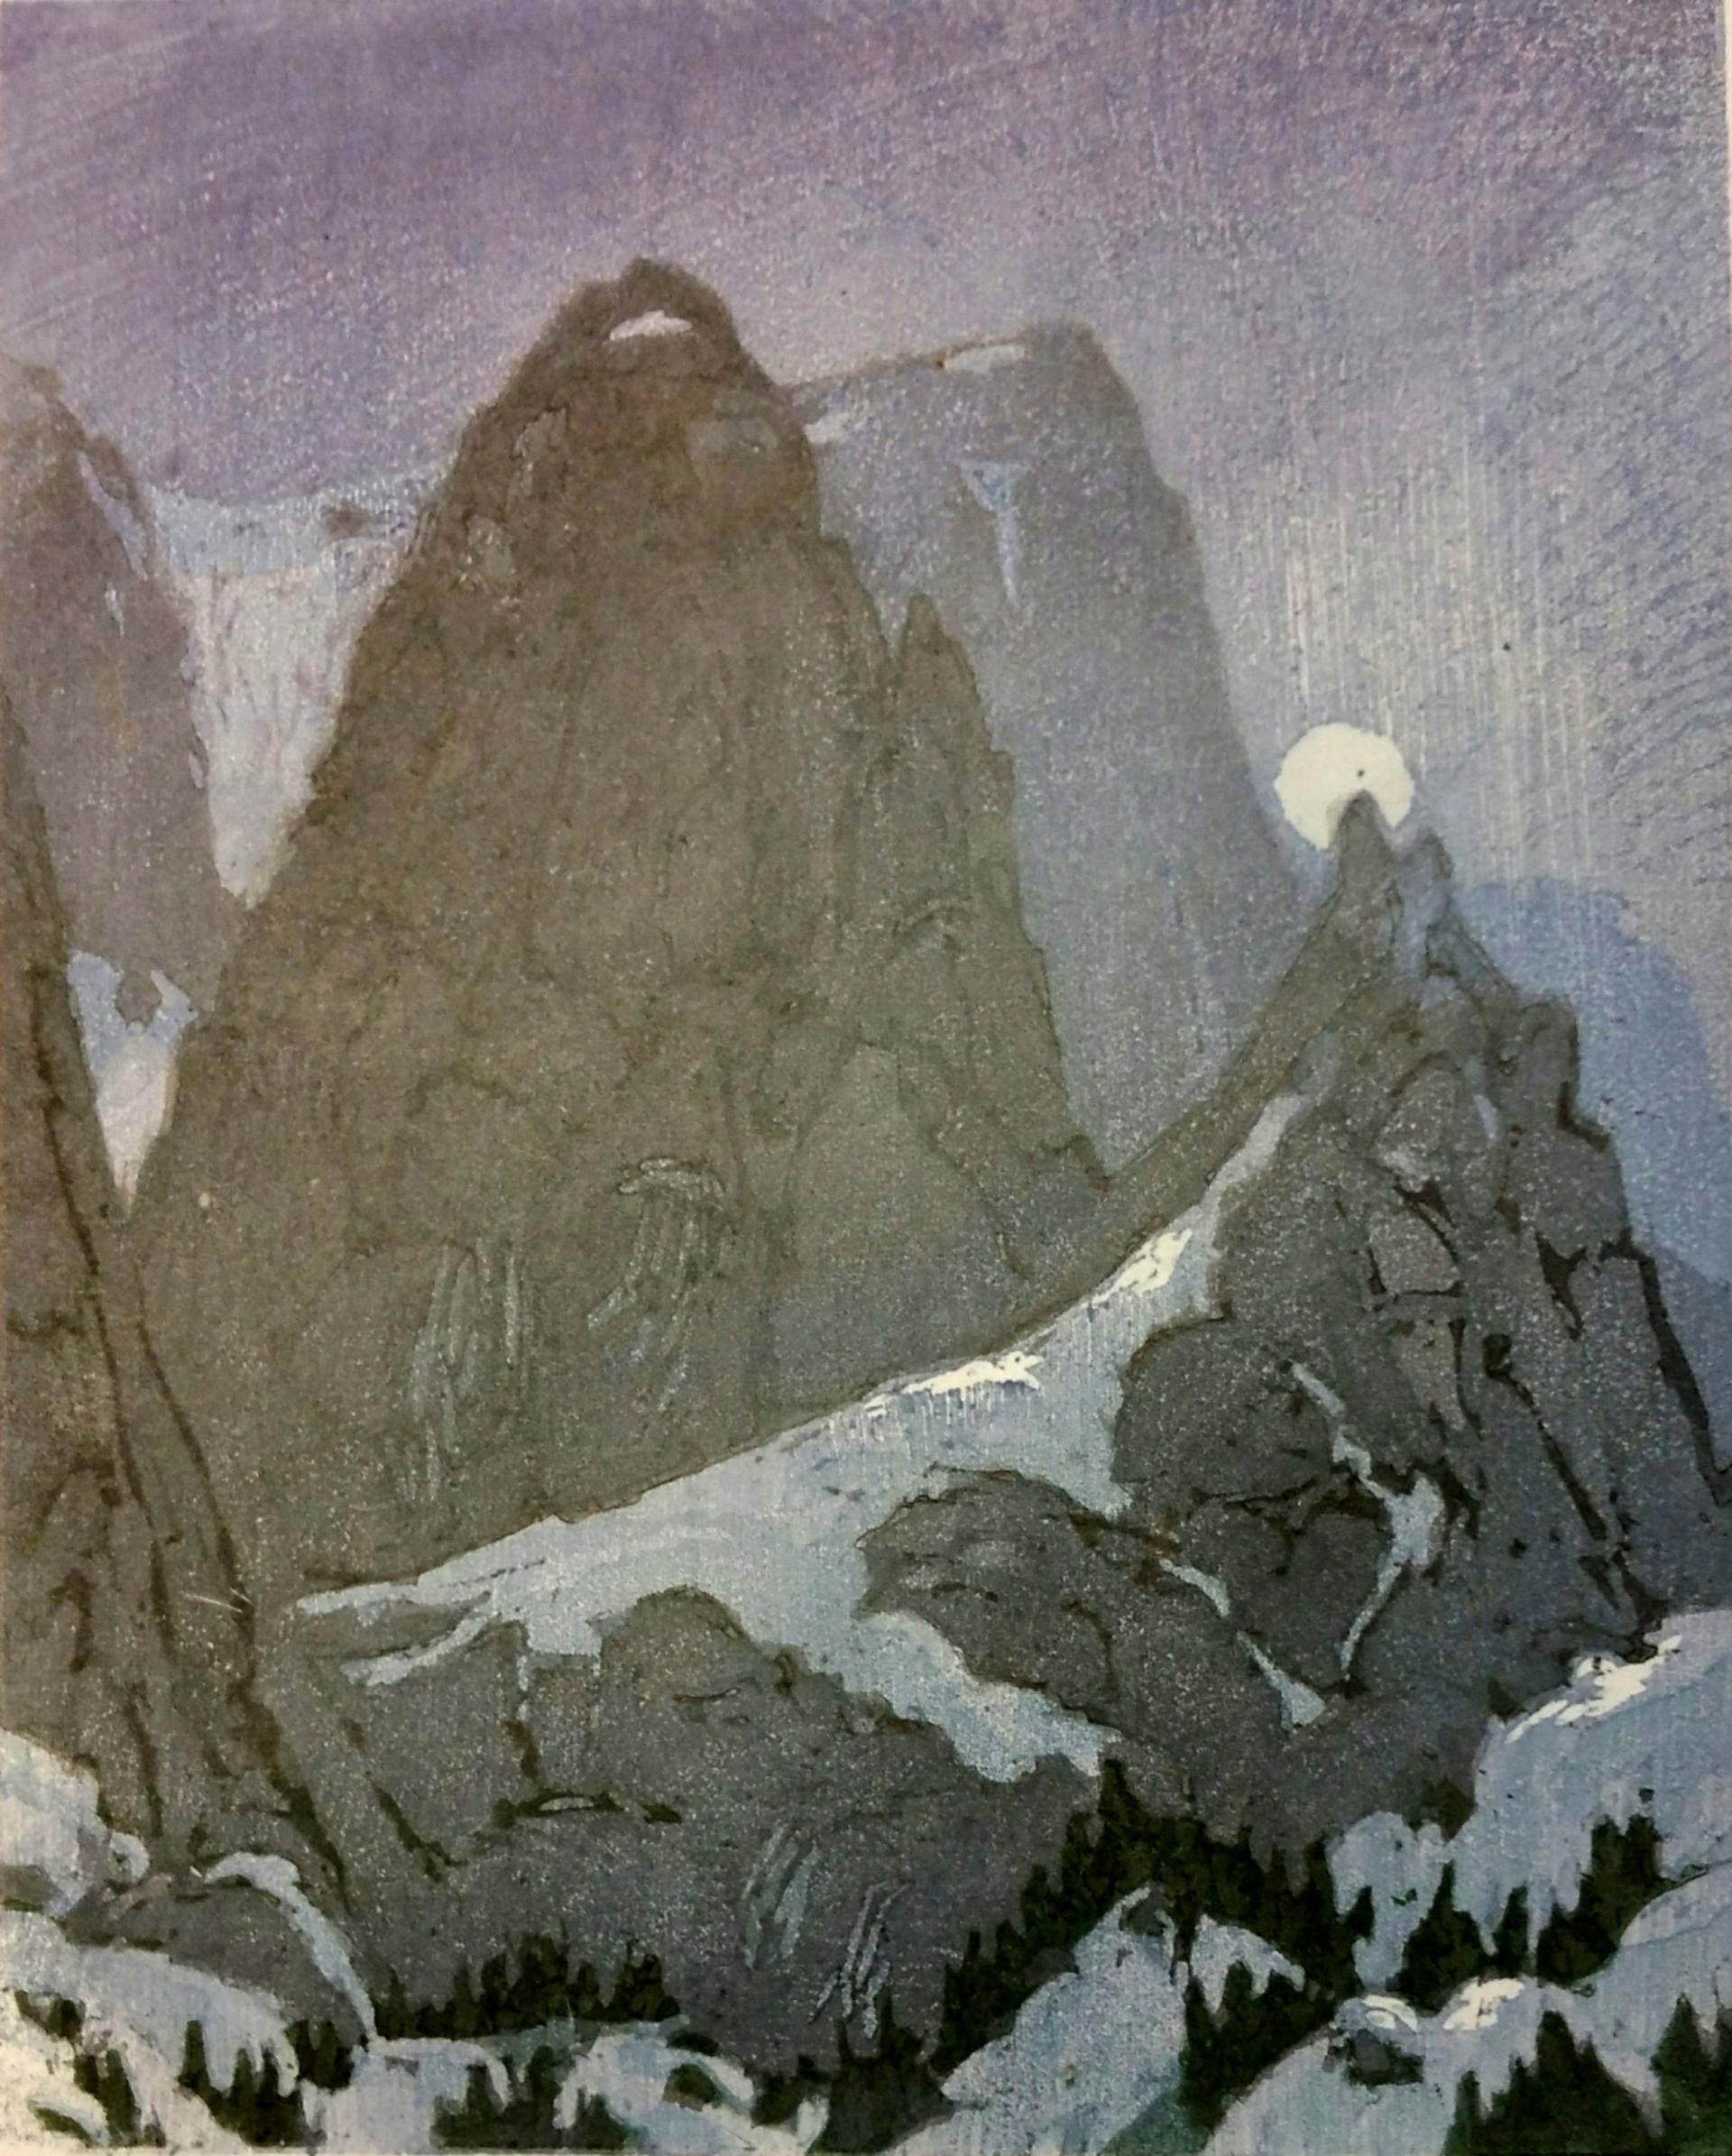 Peak Nocturn by Leon Loughridge